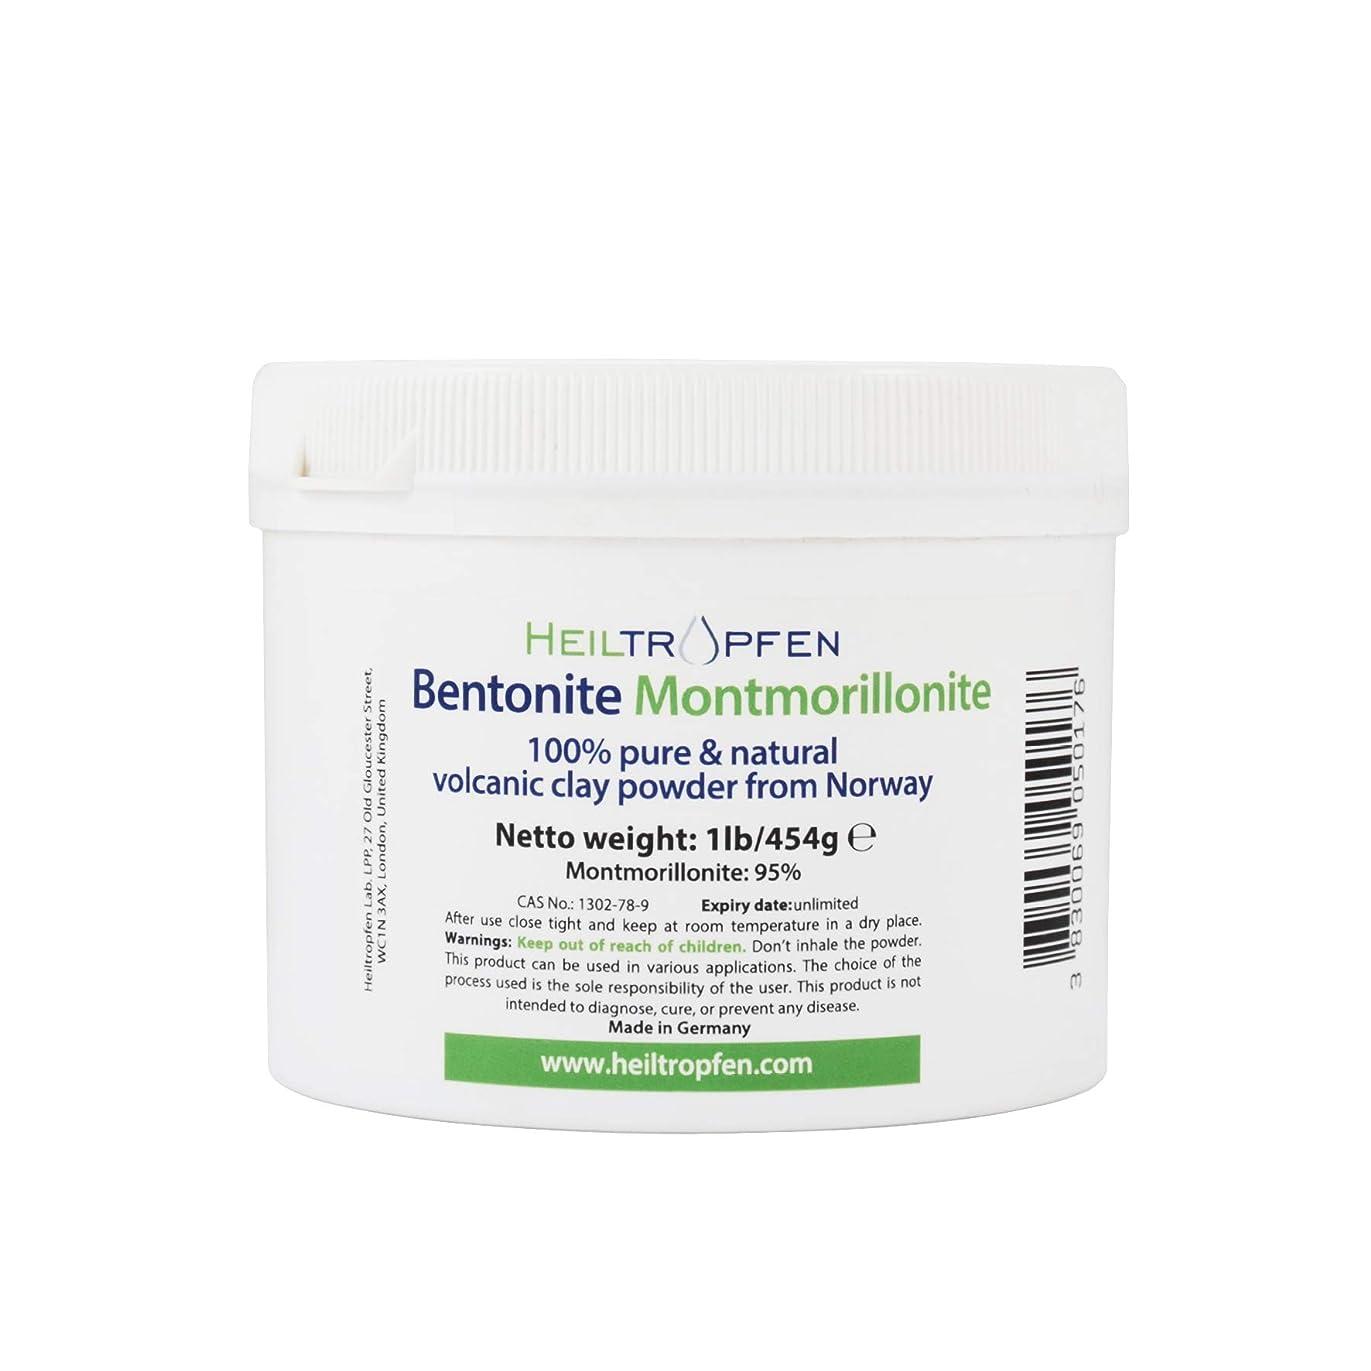 荒れ地ヘビー花婿ベントナイトモンモリロナイトパウダー、1lb-454g、ウルトラファイン、モンモリロナイト含有量:95%、天然ミネラルダスト。bentonite